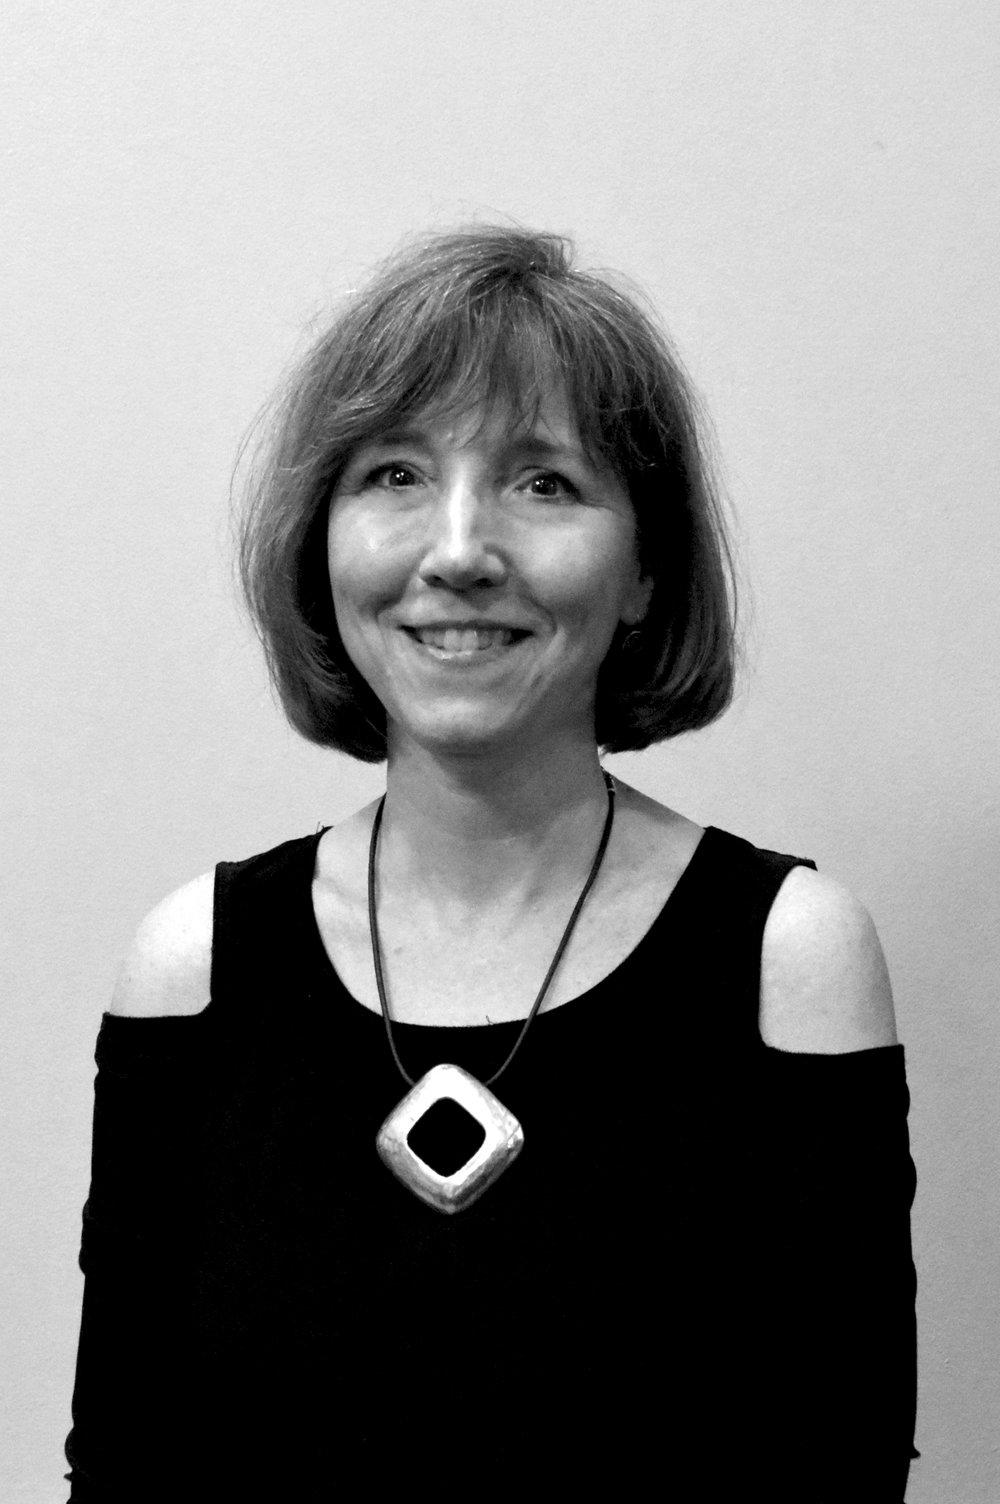 Lynn Sledge - Principal Consultant